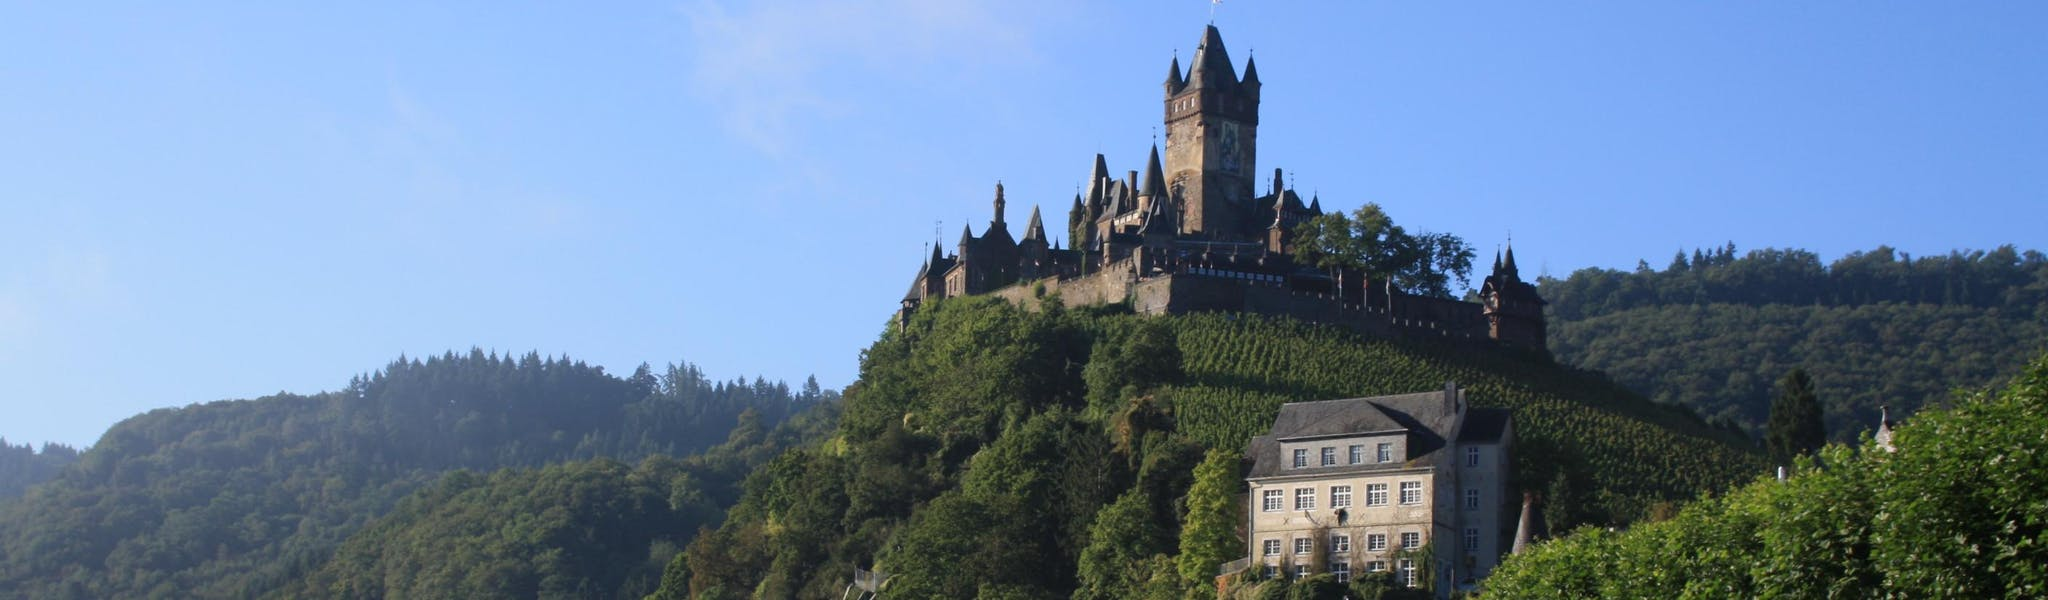 Kasteel op berg Knaus camping Burgen